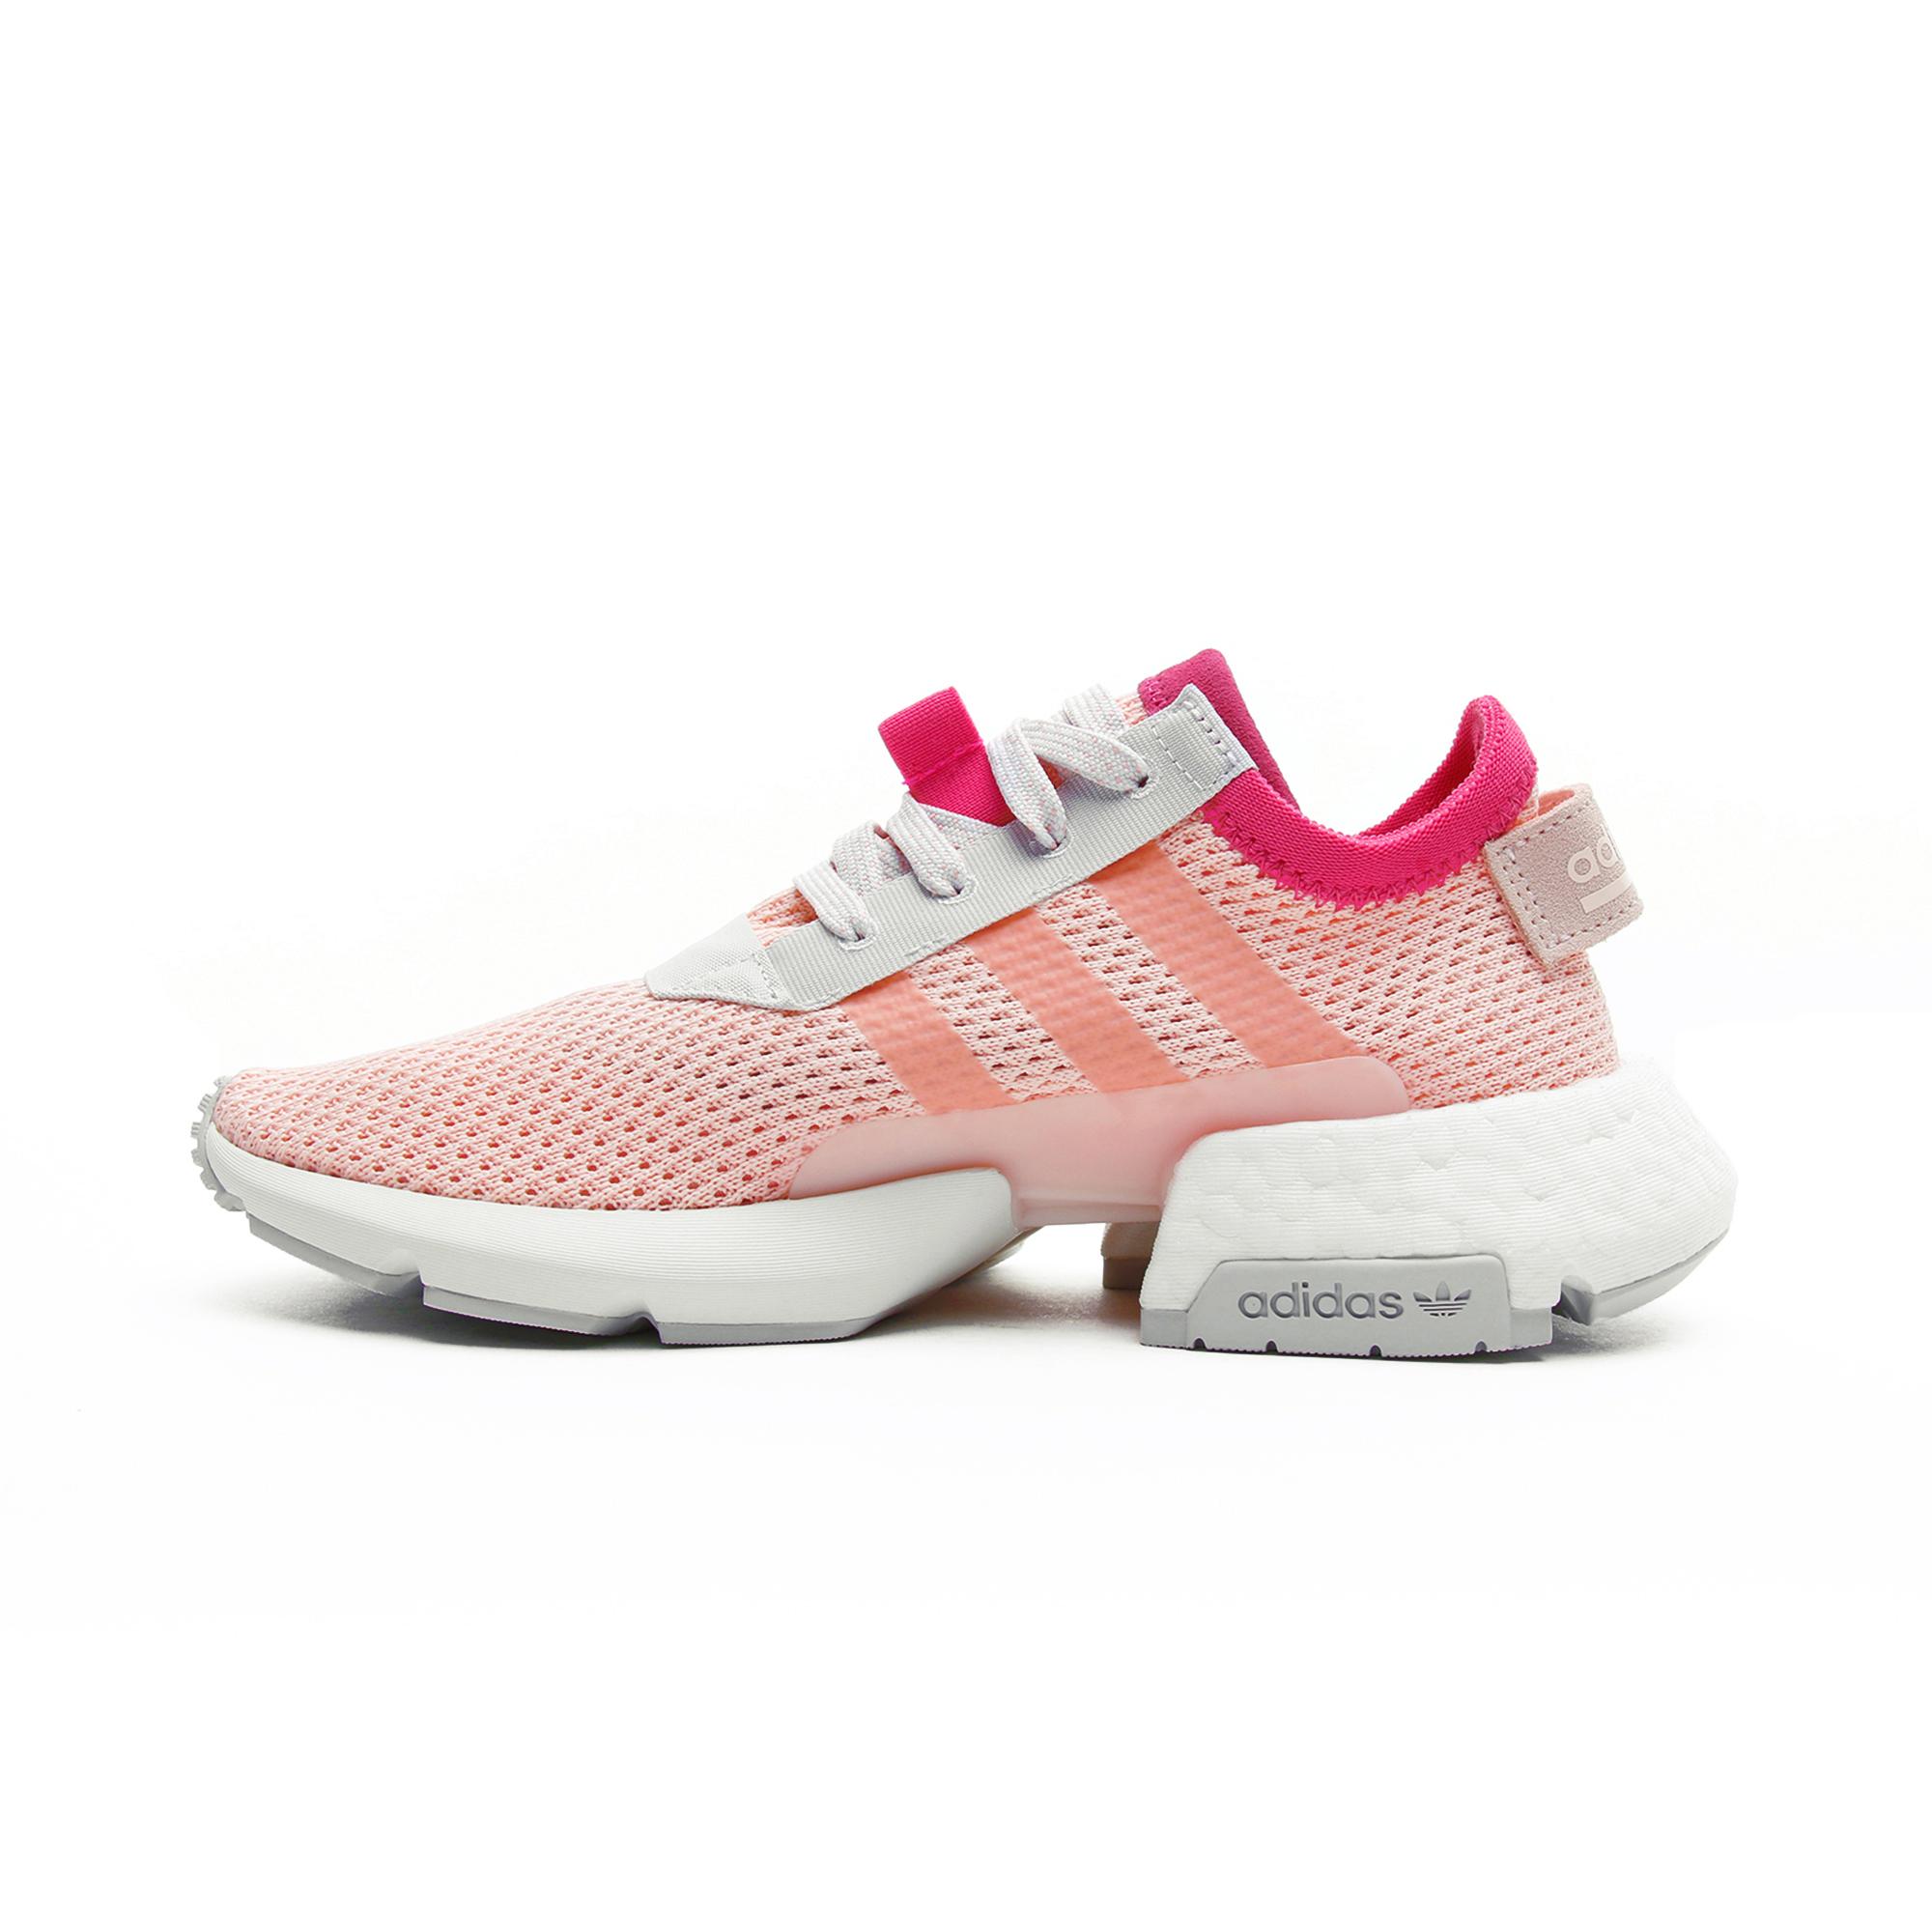 adidas Pod-S3.1 Kadın Pembe Spor Ayakkabı